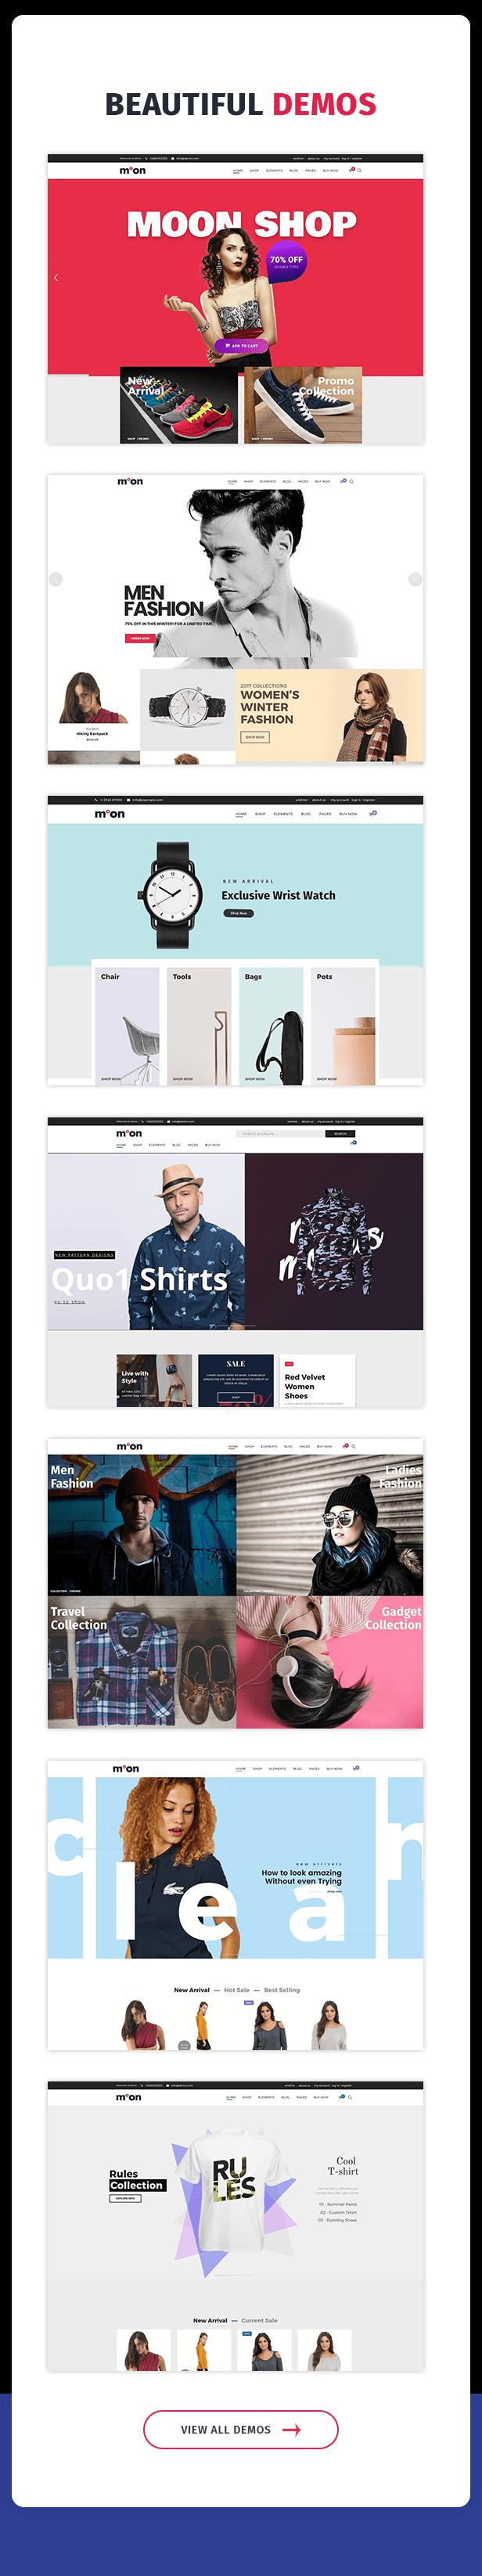 Moon Shop - Thème WordPress de commerce électronique réactif pour WooCommerce - 9